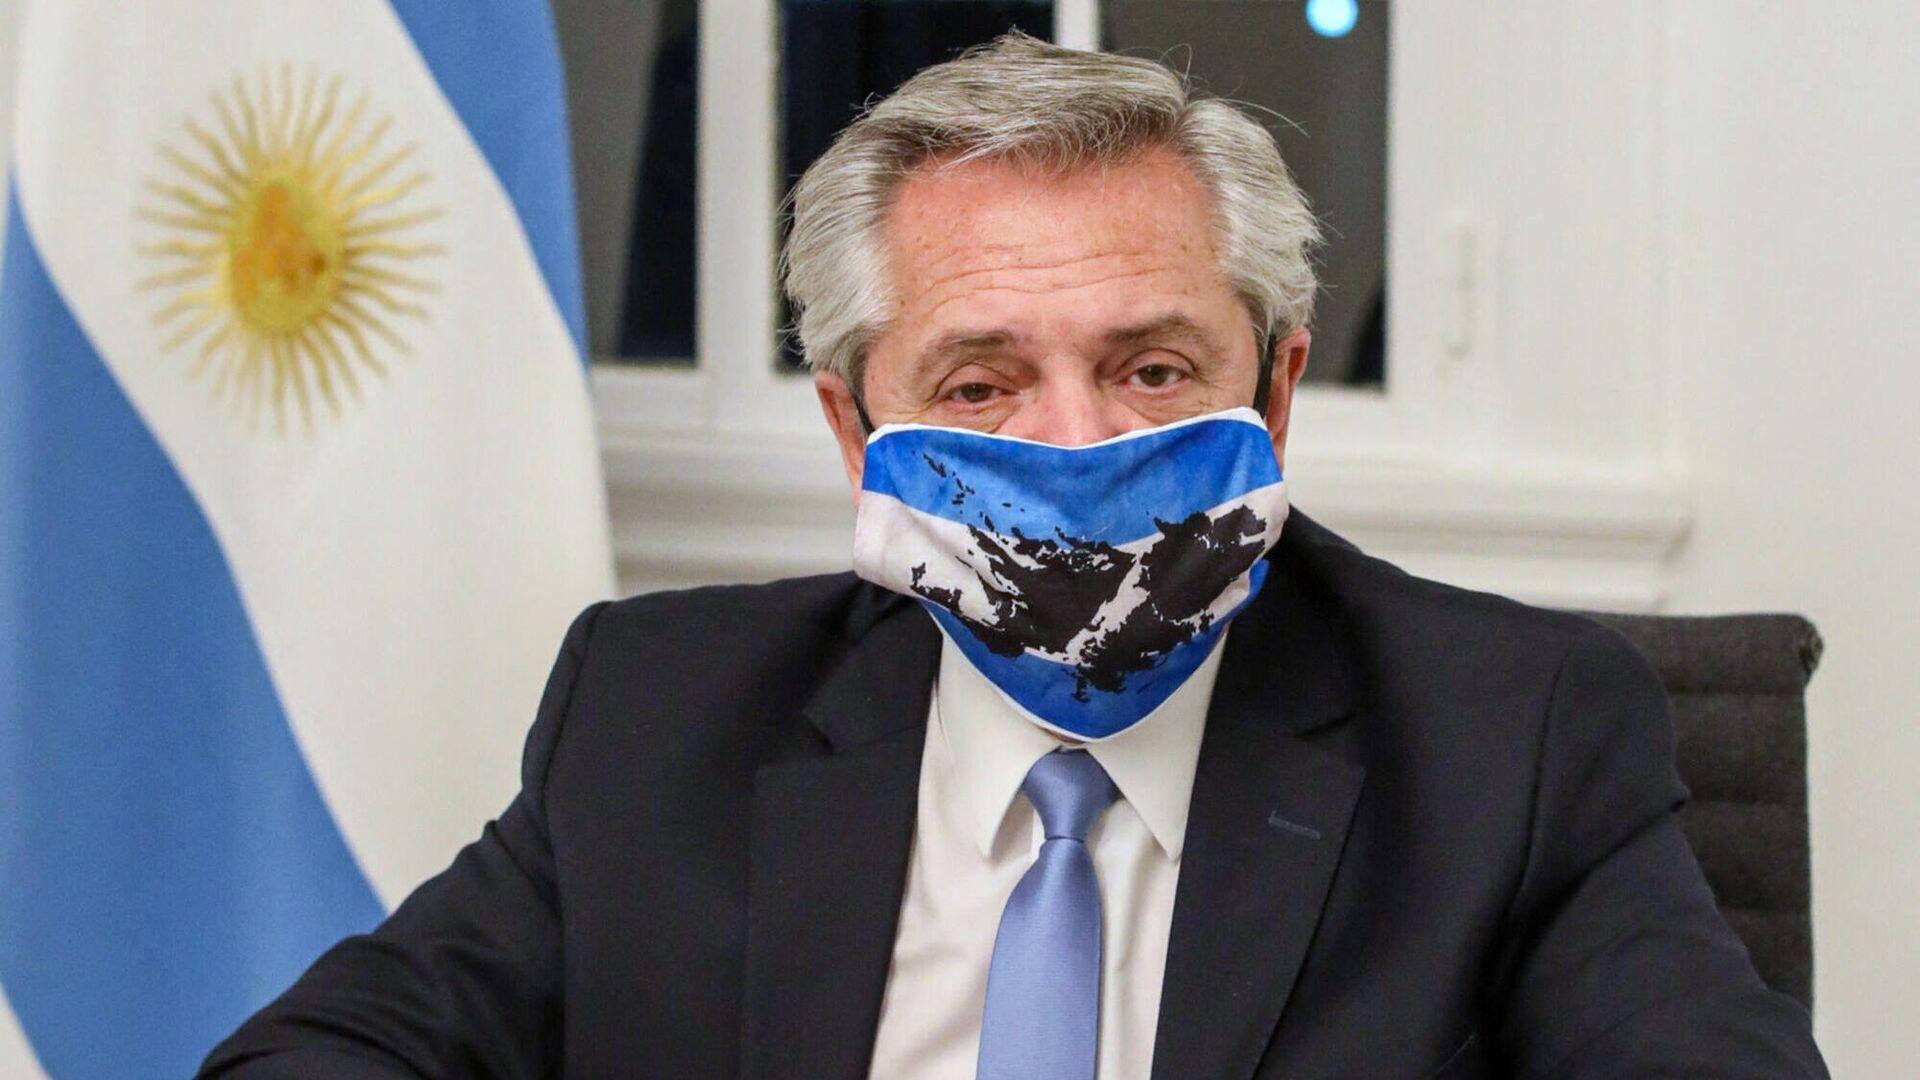 El Presidente Fernández anunció que dio positivo en coronavirus